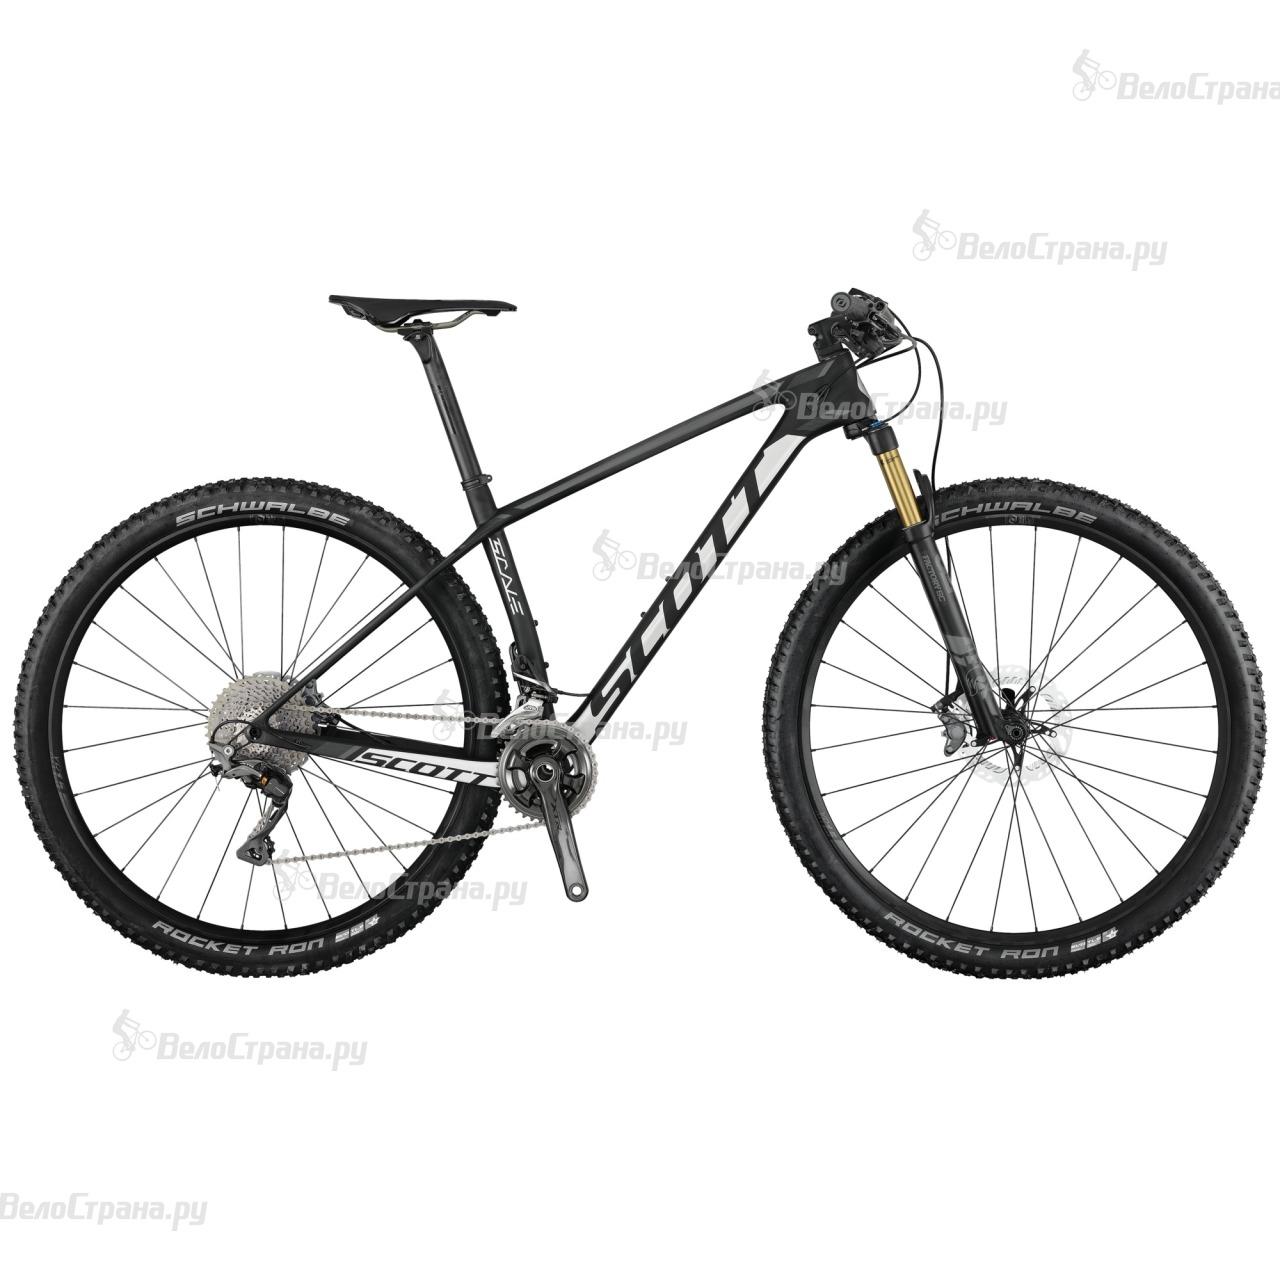 Велосипед Scott Scale 700 (2017) scott scale 700 rc 2016